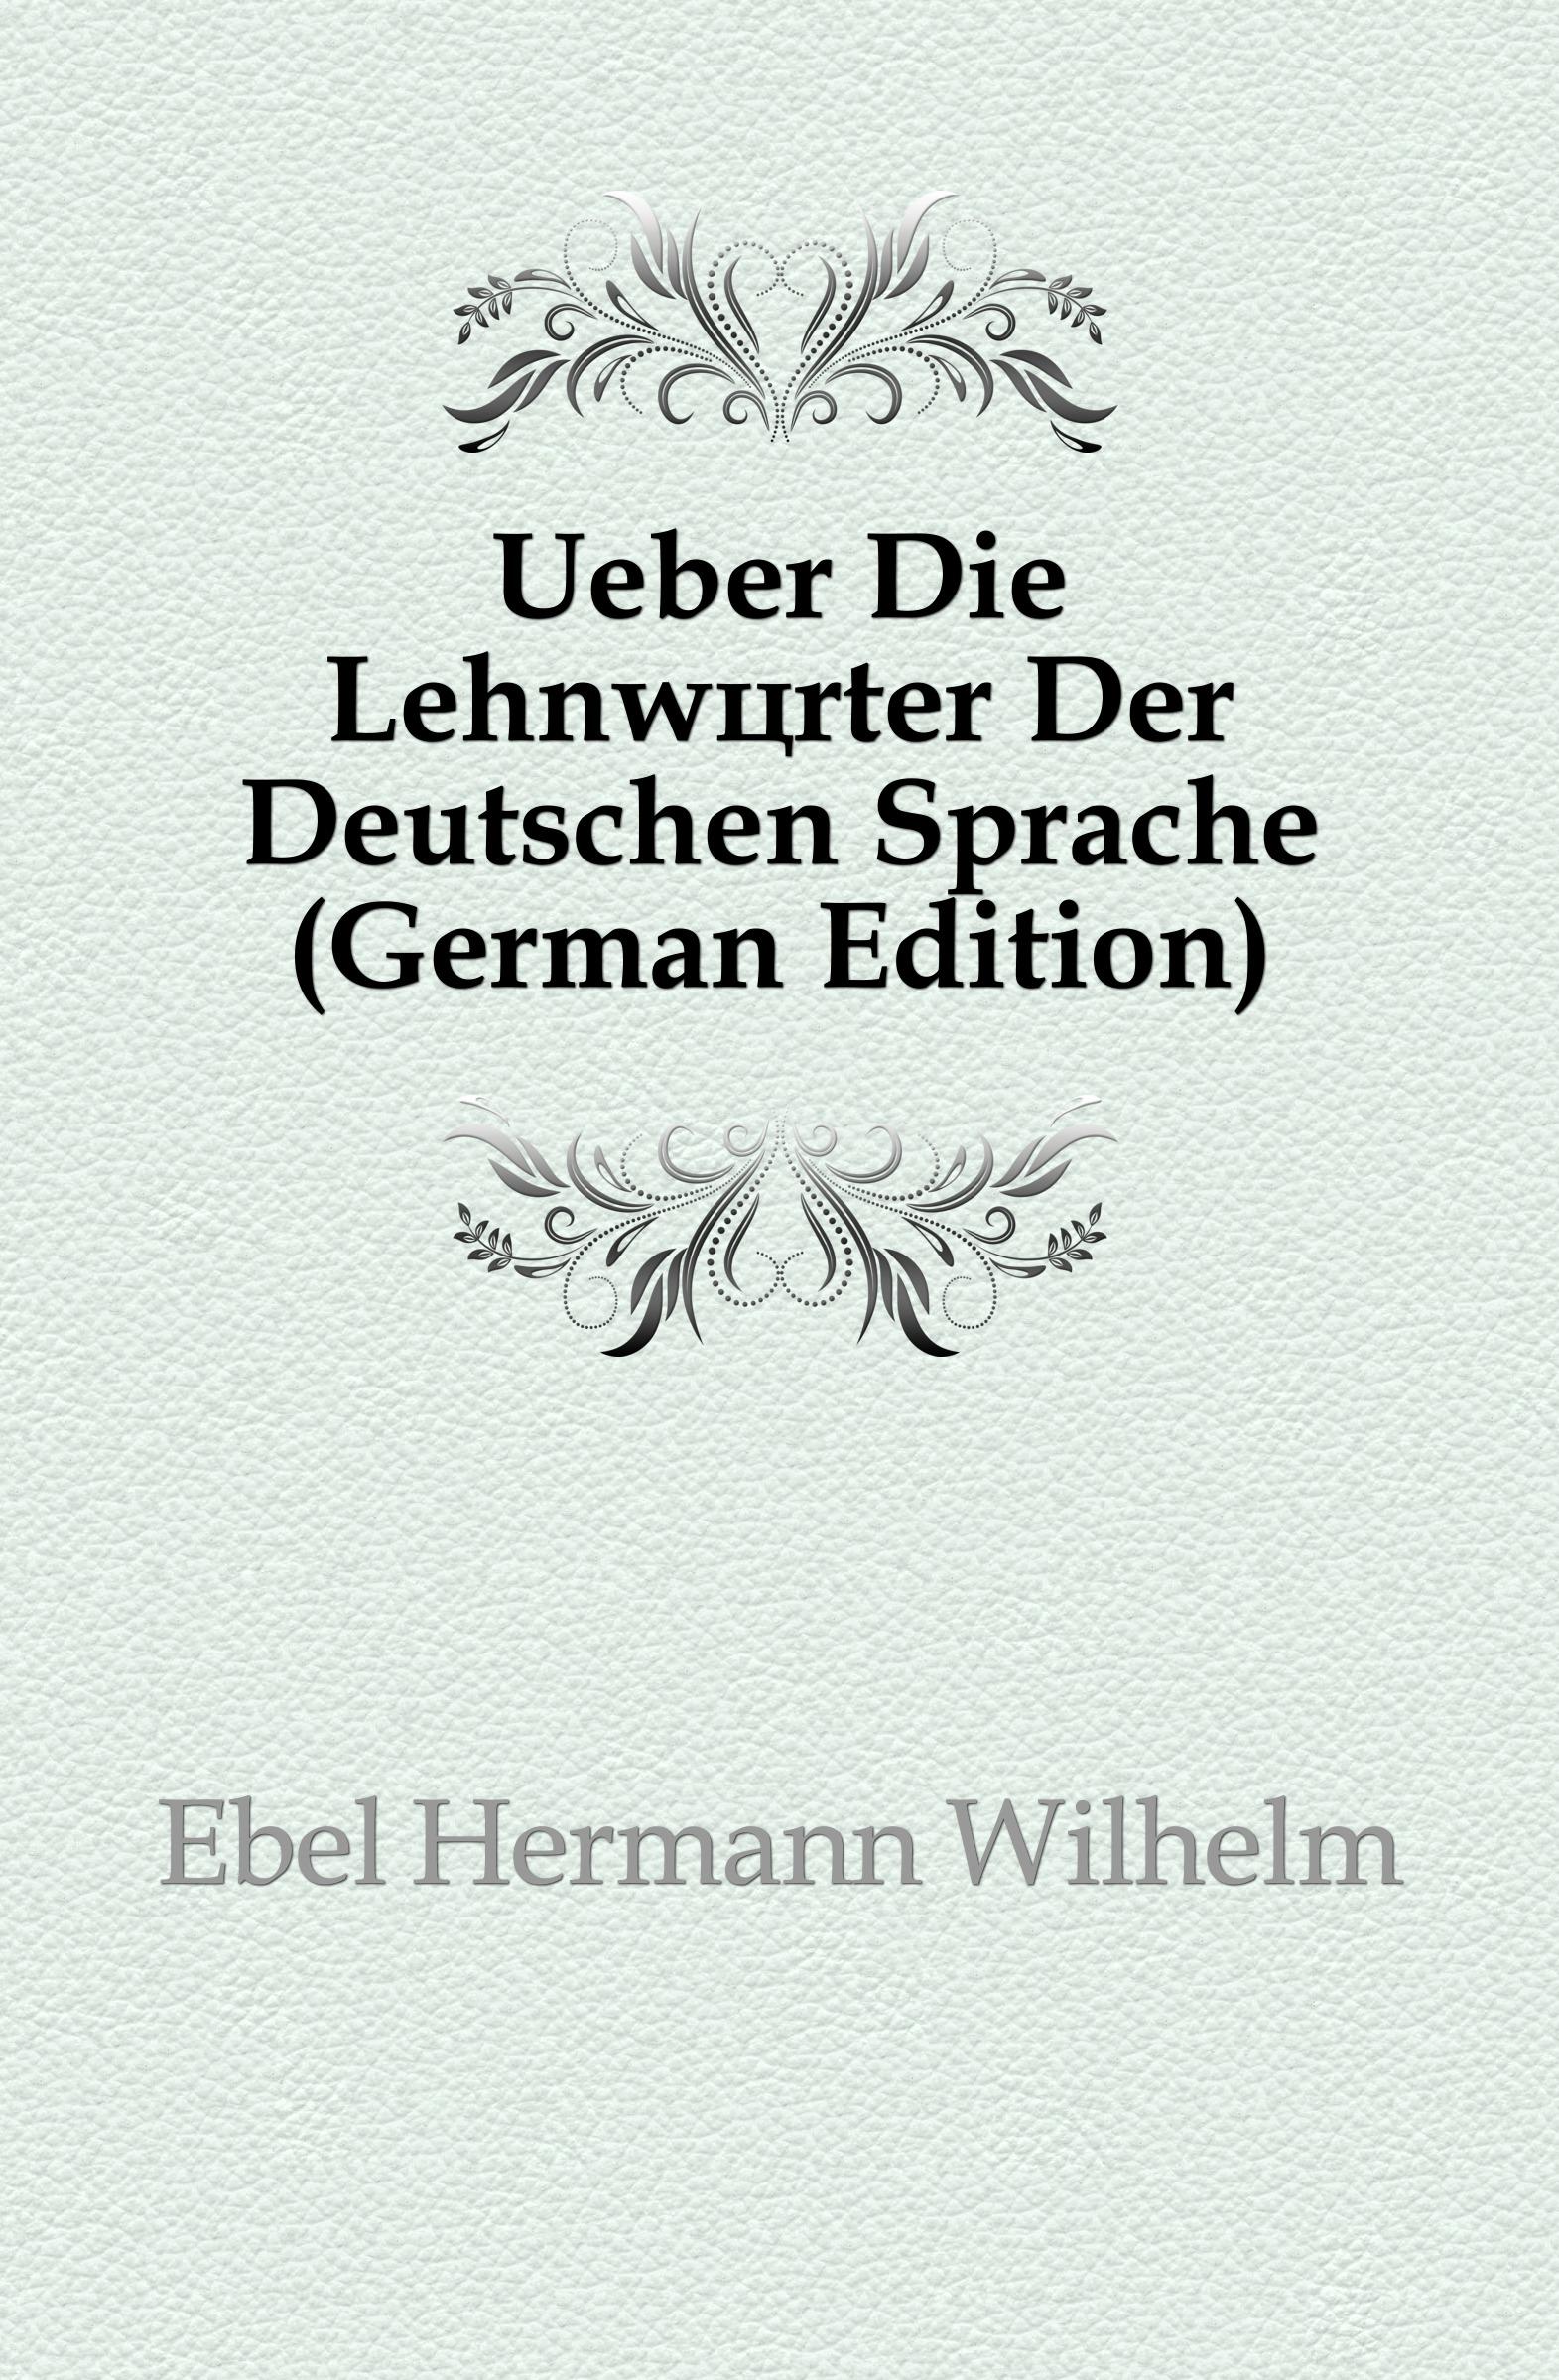 Ebel Hermann Wilhelm Ueber Die Lehnworter Der Deutschen Sprache (German Edition) цены